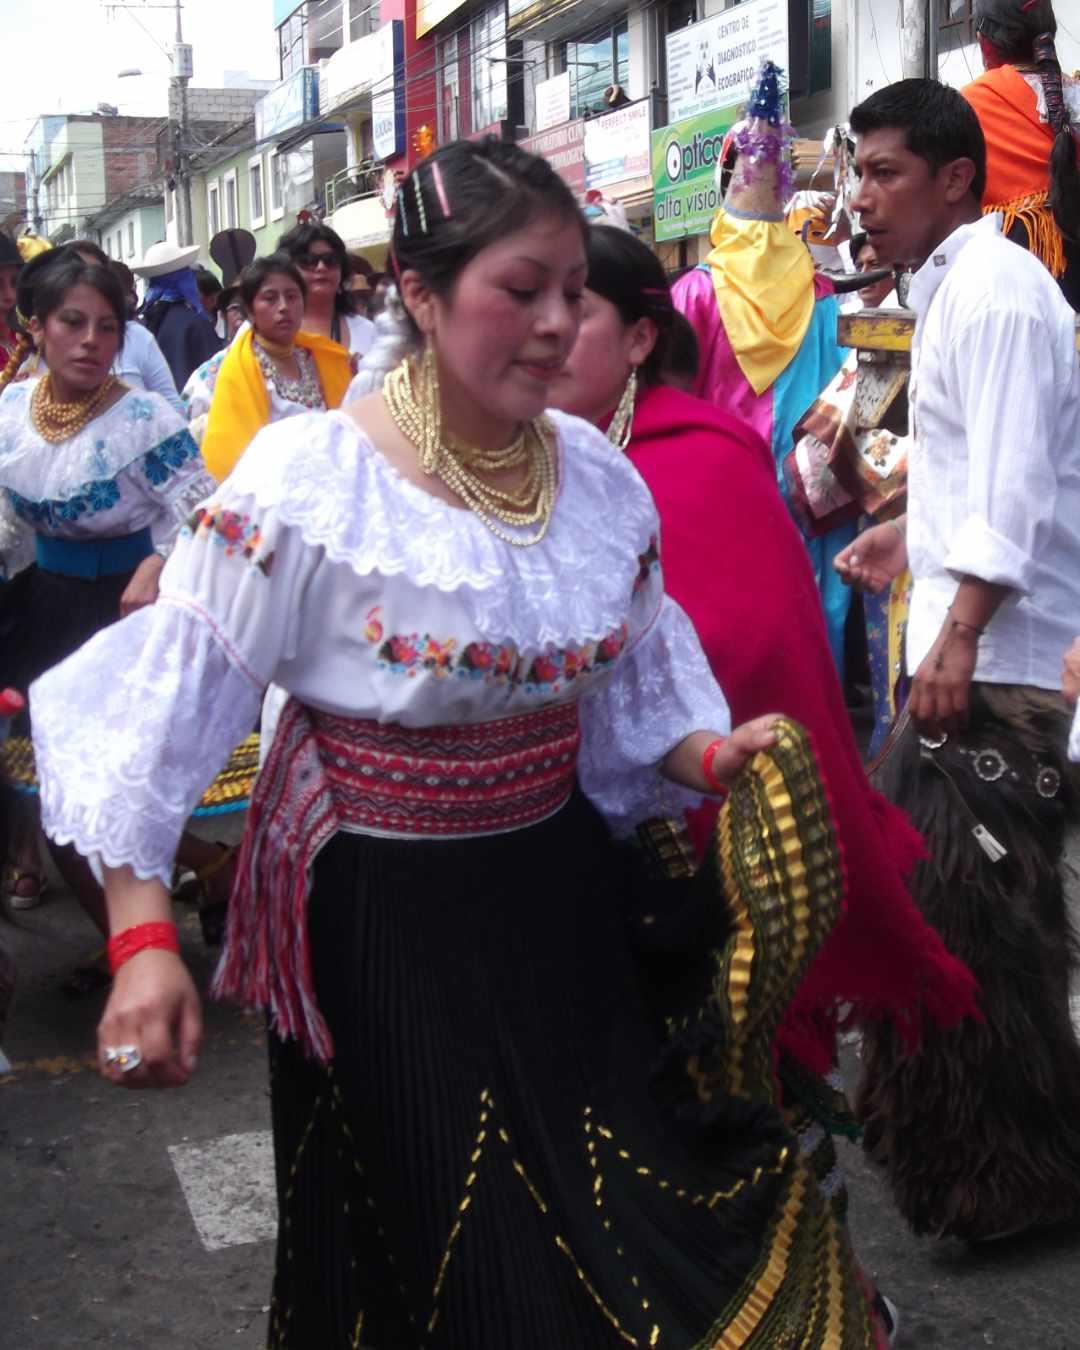 Desfile de la Alegría in Cayambe, Ecuador | ©Jacqueline Granda